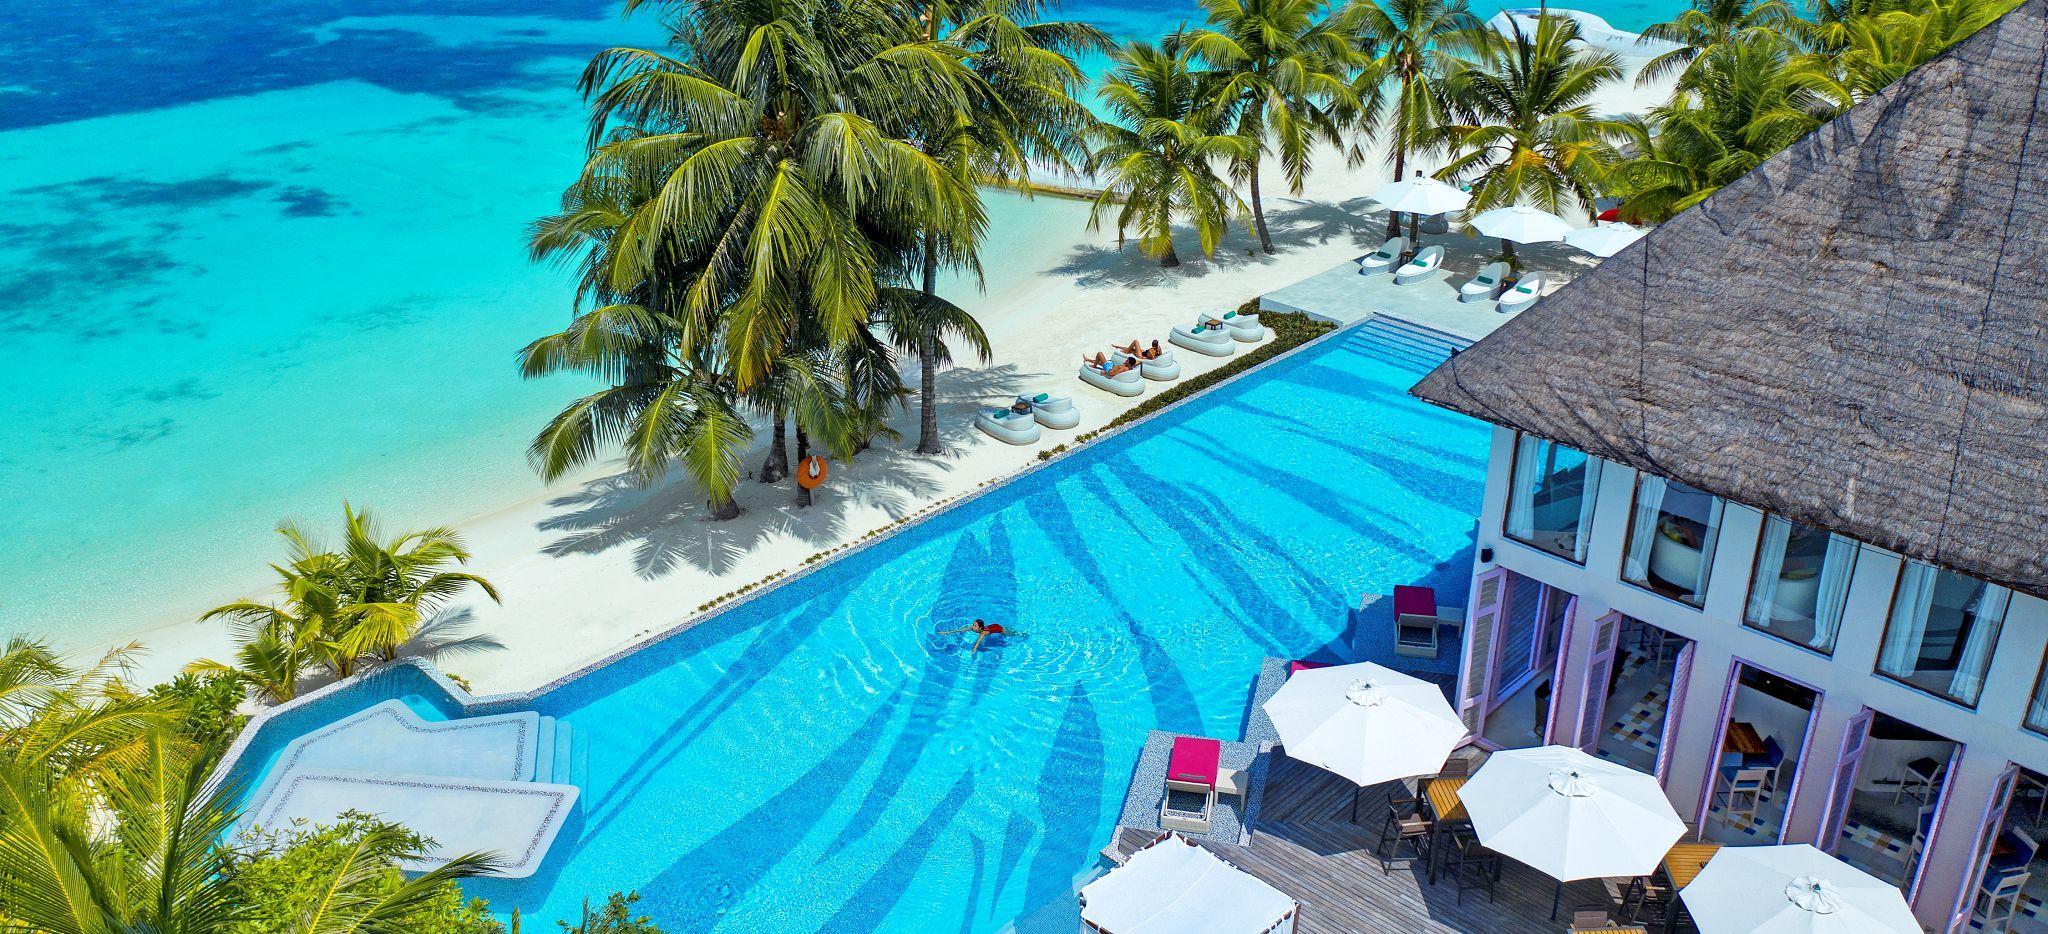 Ein großer Pool direkt am Strand vor einem Restaurant auf der Malediveninsel Madhoo